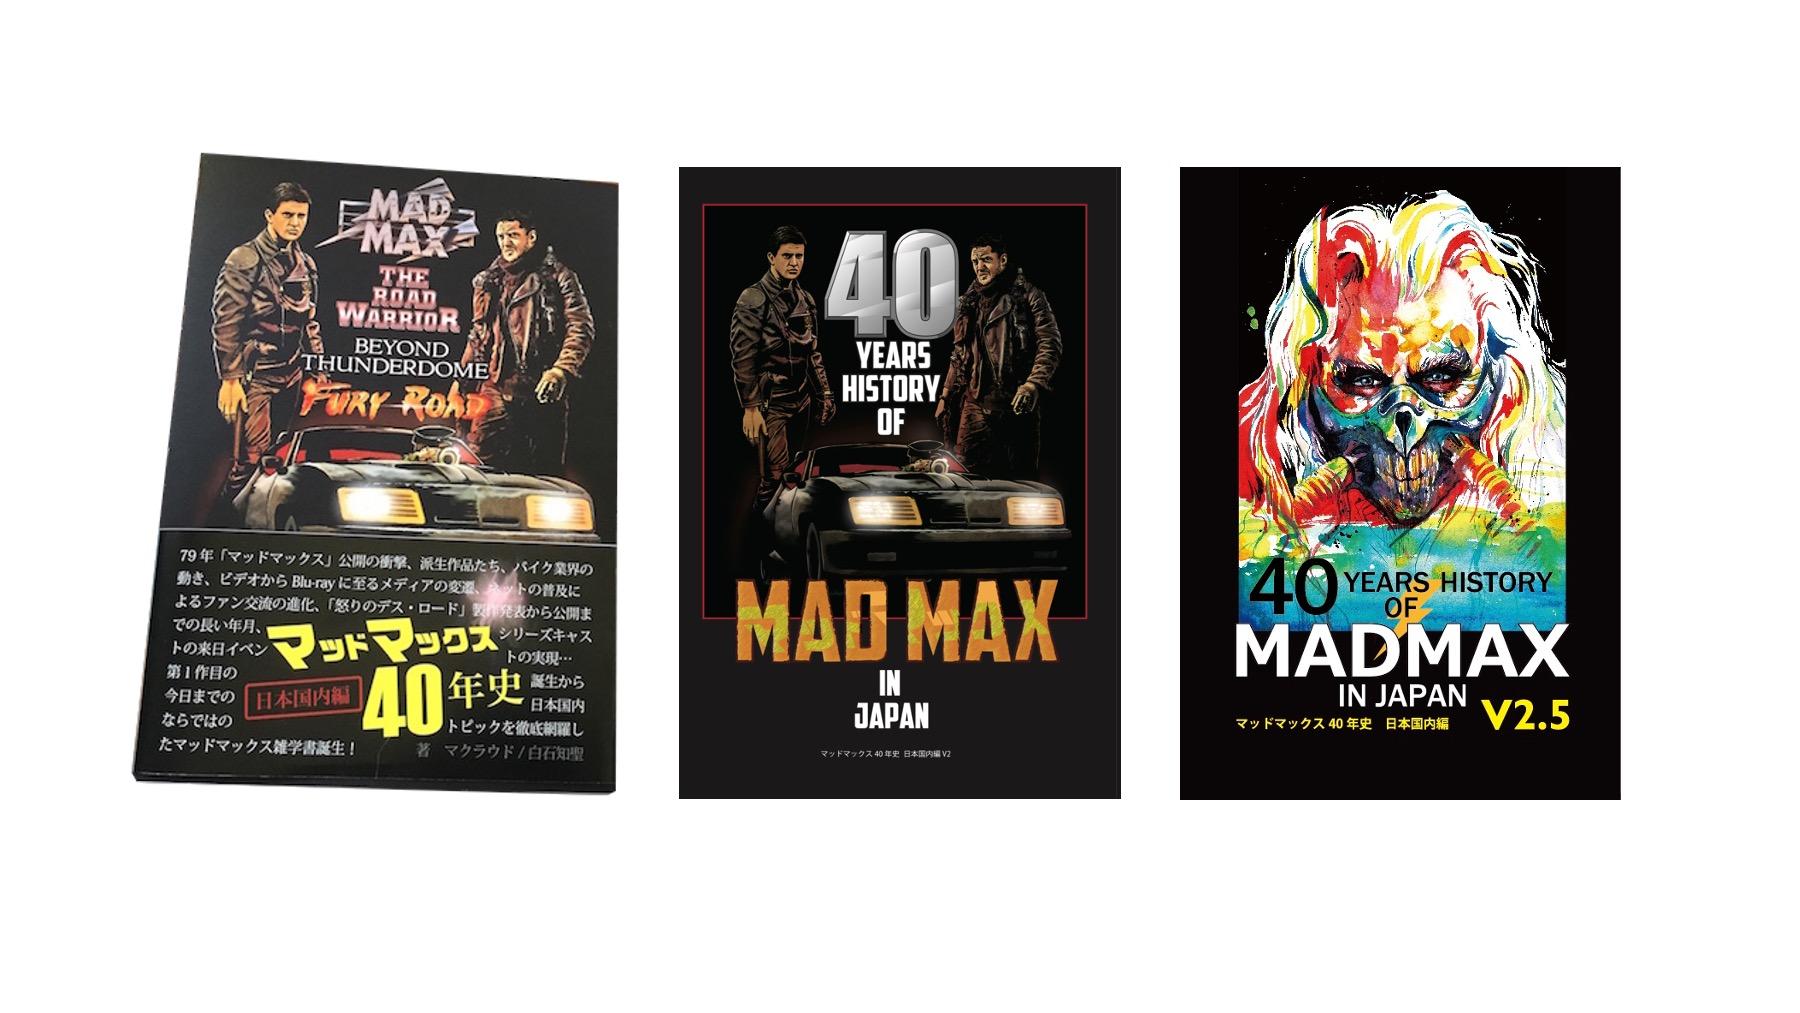 Mad Max Photo,Mad Max Twitter Trend : Most Popular Tweets